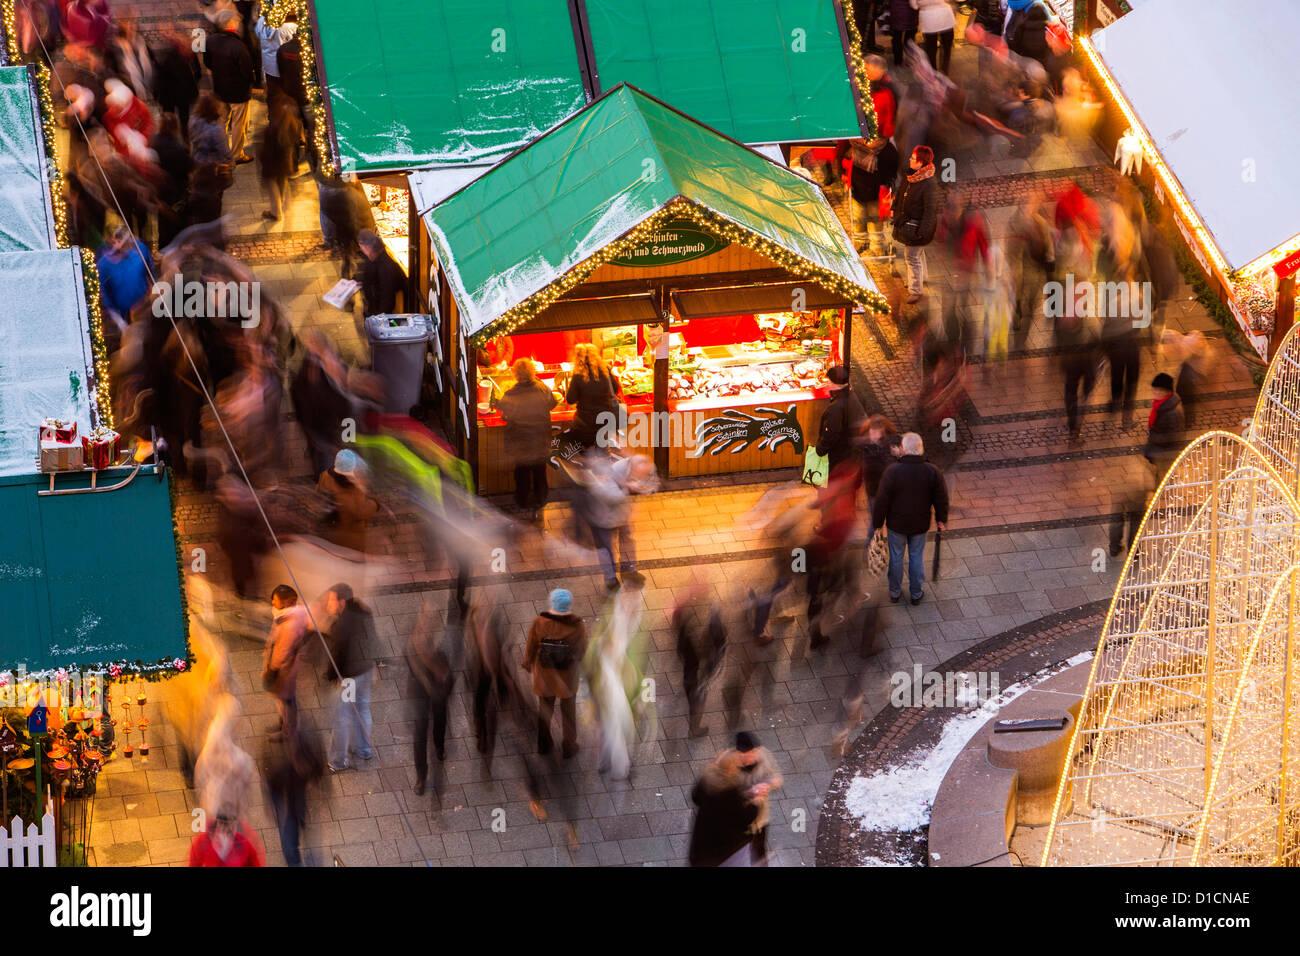 Mercatino di Natale nel centro della città di Essen, Germania, Europa Immagini Stock